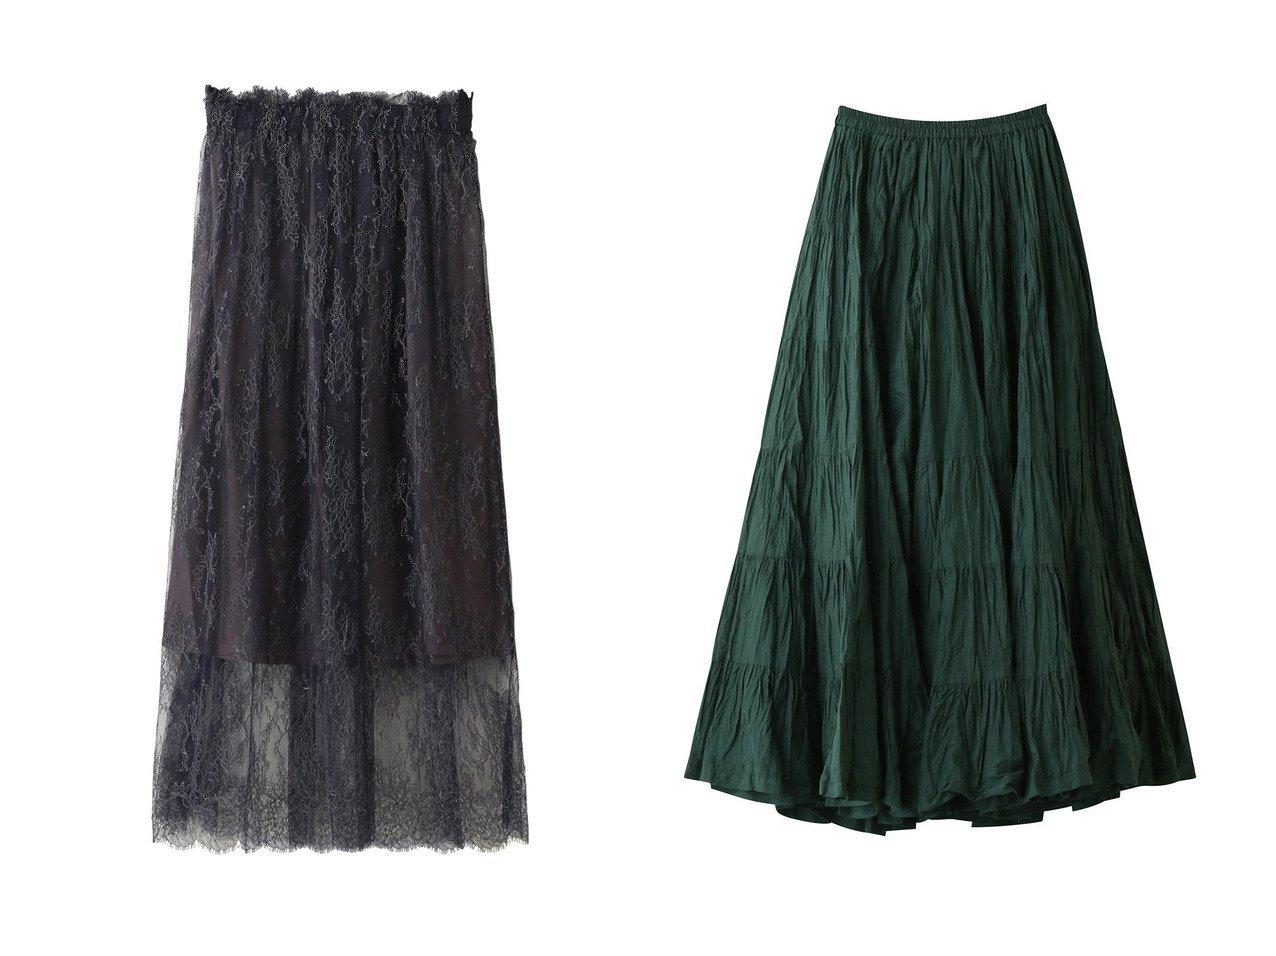 【THIRD MAGAZINE/サードマガジン】のインポートレースギャザースカート&【MARIHA/マリハ】の草原の虹のスカート 【スカート】おすすめ!人気、トレンド・レディースファッションの通販 おすすめで人気の流行・トレンド、ファッションの通販商品 インテリア・家具・メンズファッション・キッズファッション・レディースファッション・服の通販 founy(ファニー) https://founy.com/ ファッション Fashion レディースファッション WOMEN スカート Skirt ロングスカート Long Skirt アクセサリー ギャザー ペチコート レース ロング |ID:crp329100000056325